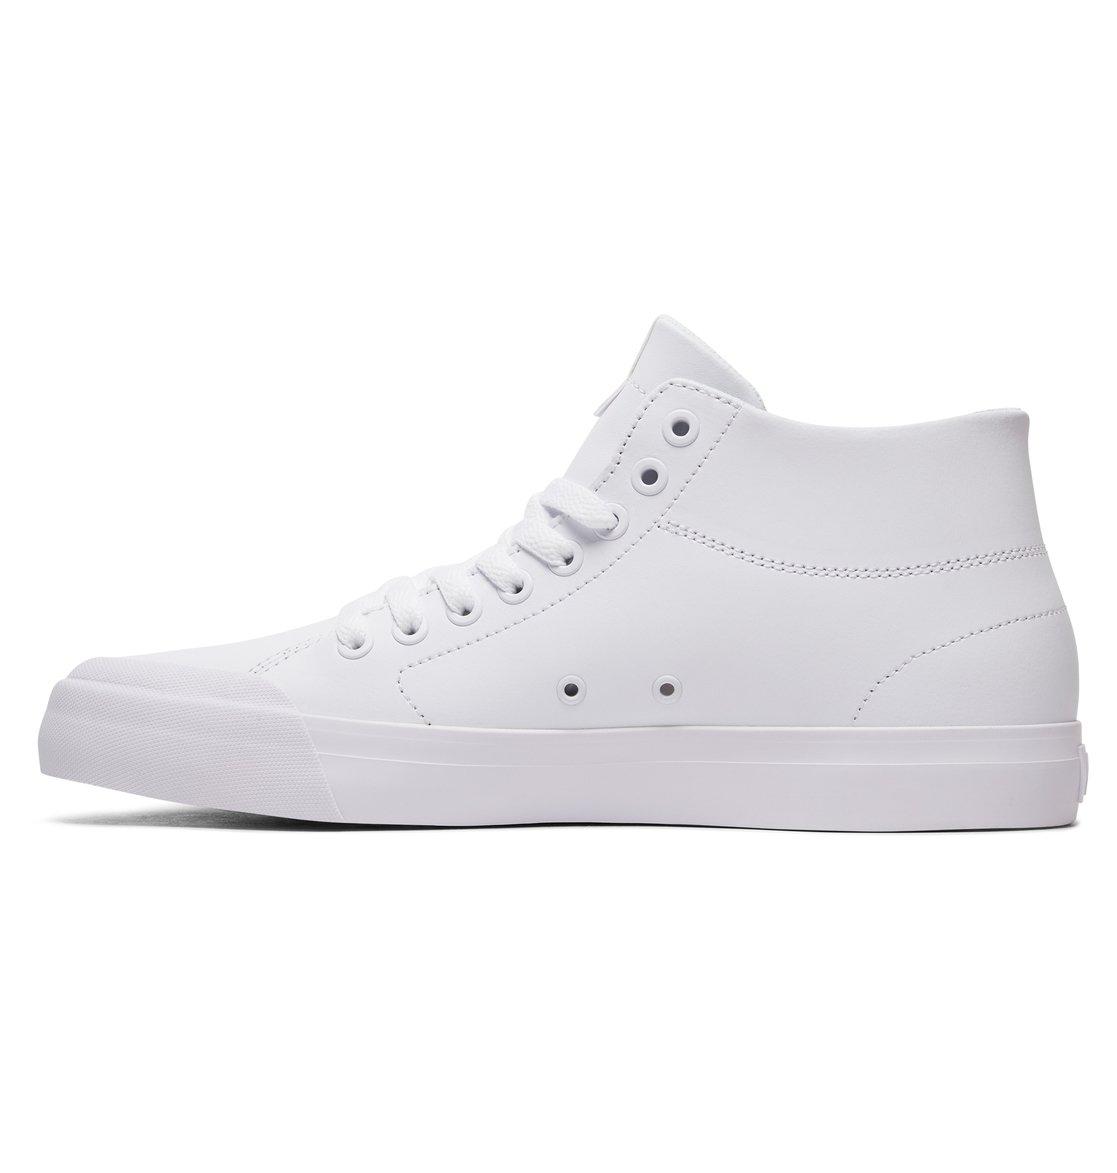 DC Hombres Evan Smith Hi Zero Zapatos blancos Talla 8